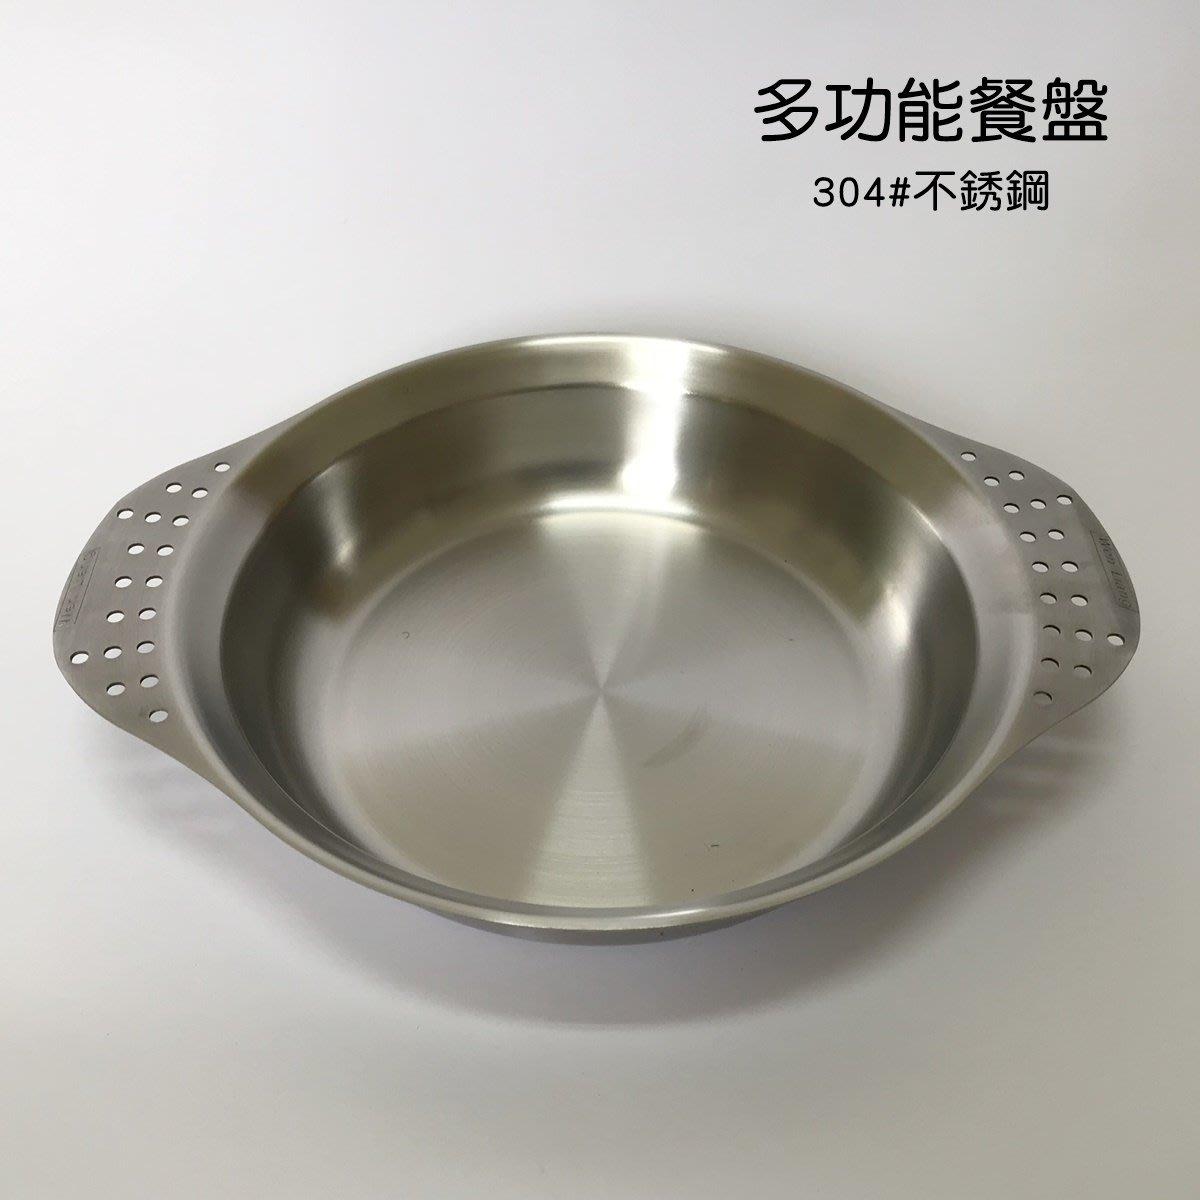 台灣製 文樑 304不銹鋼 多功能餐盤 附收納袋